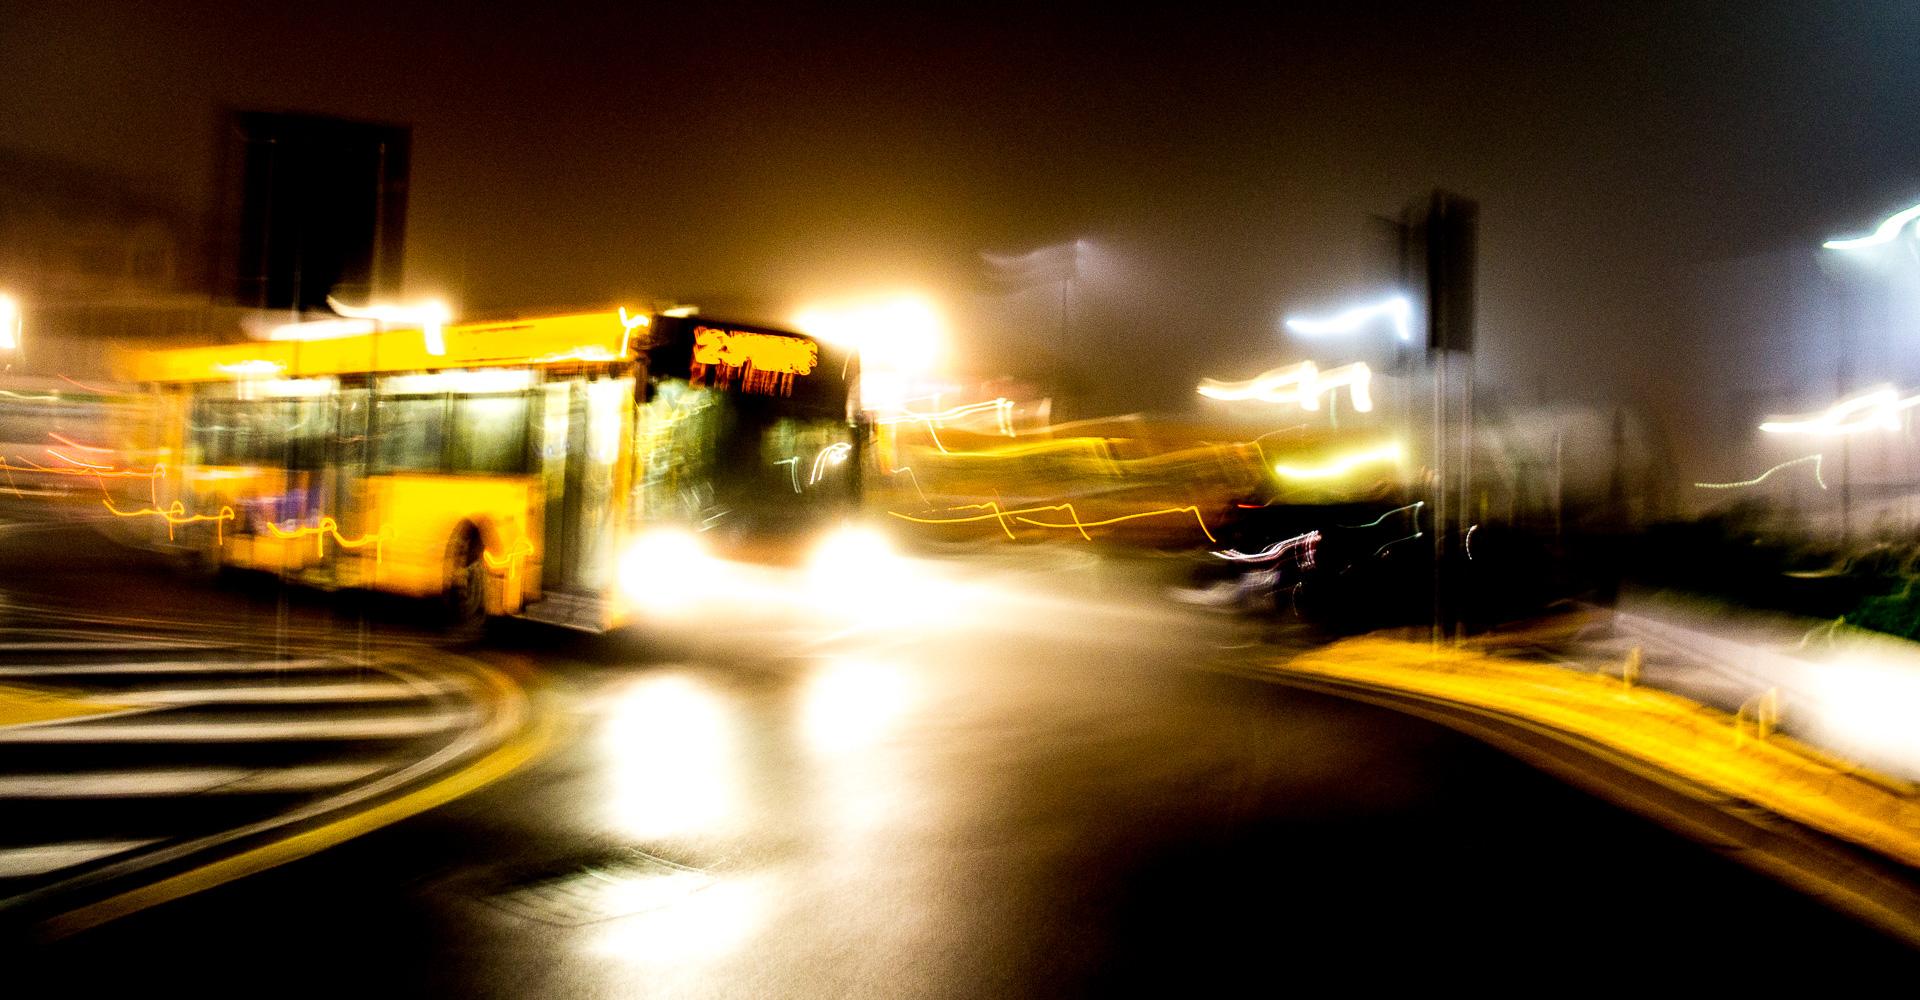 Chi guida l'autobus?